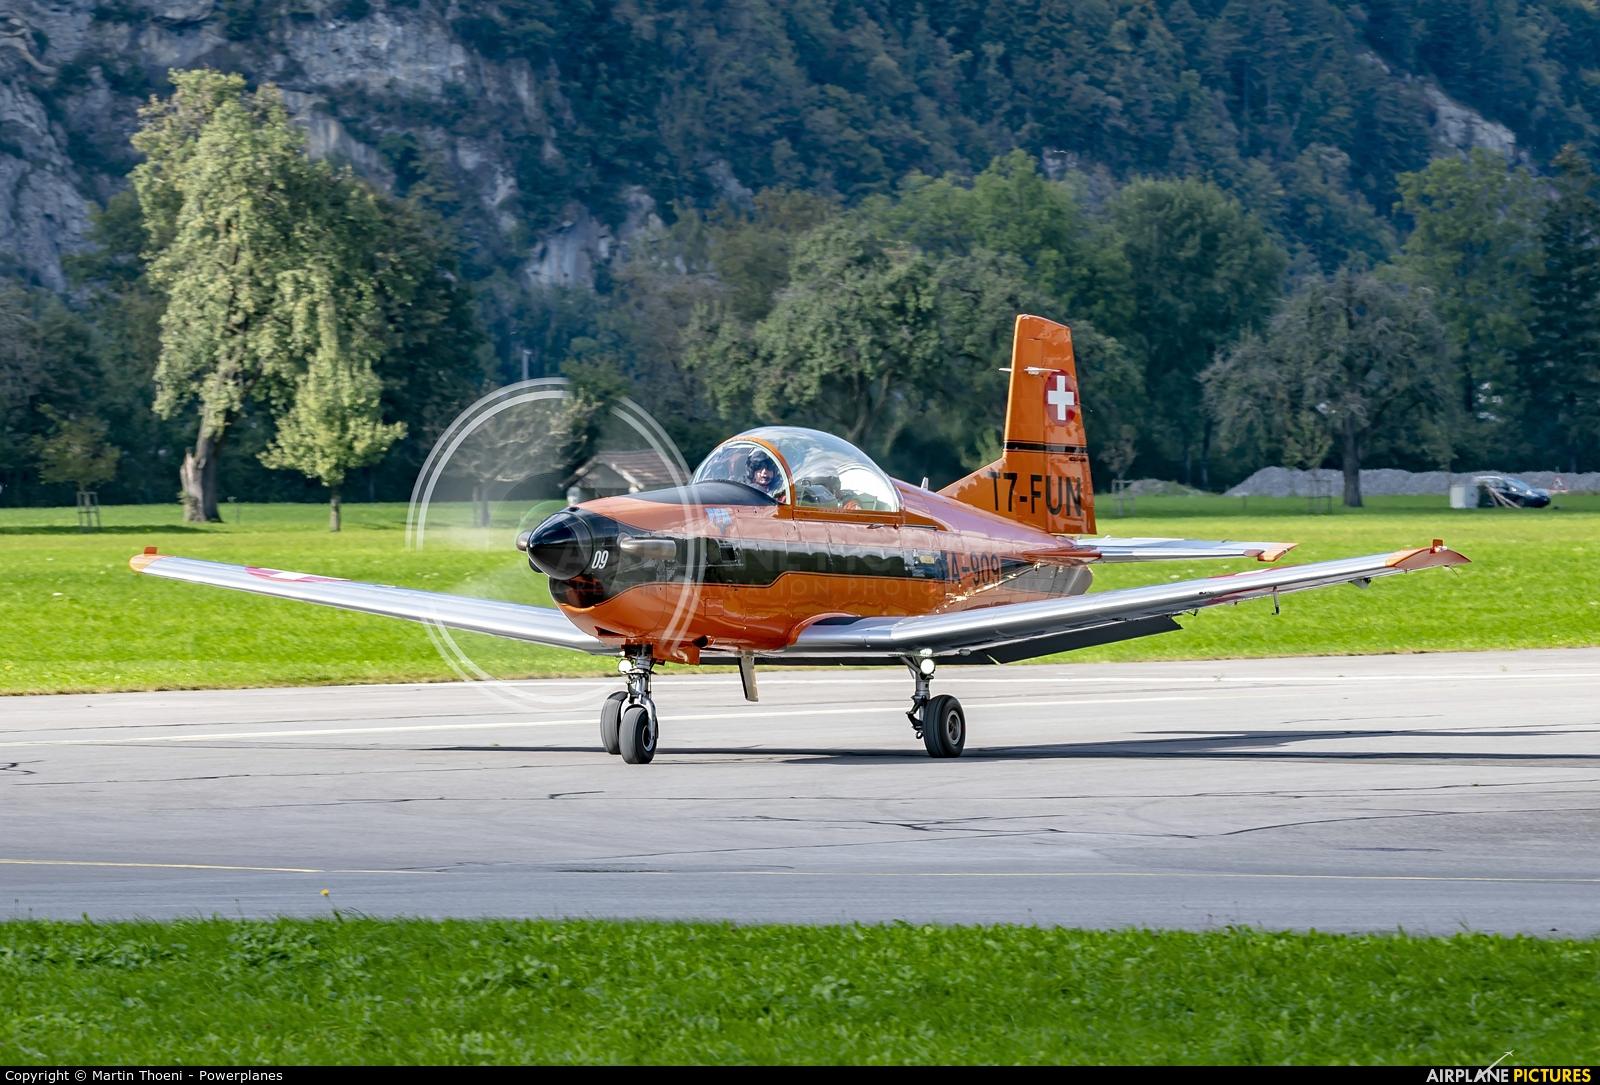 FFA Museum T7-FUN aircraft at Mollis